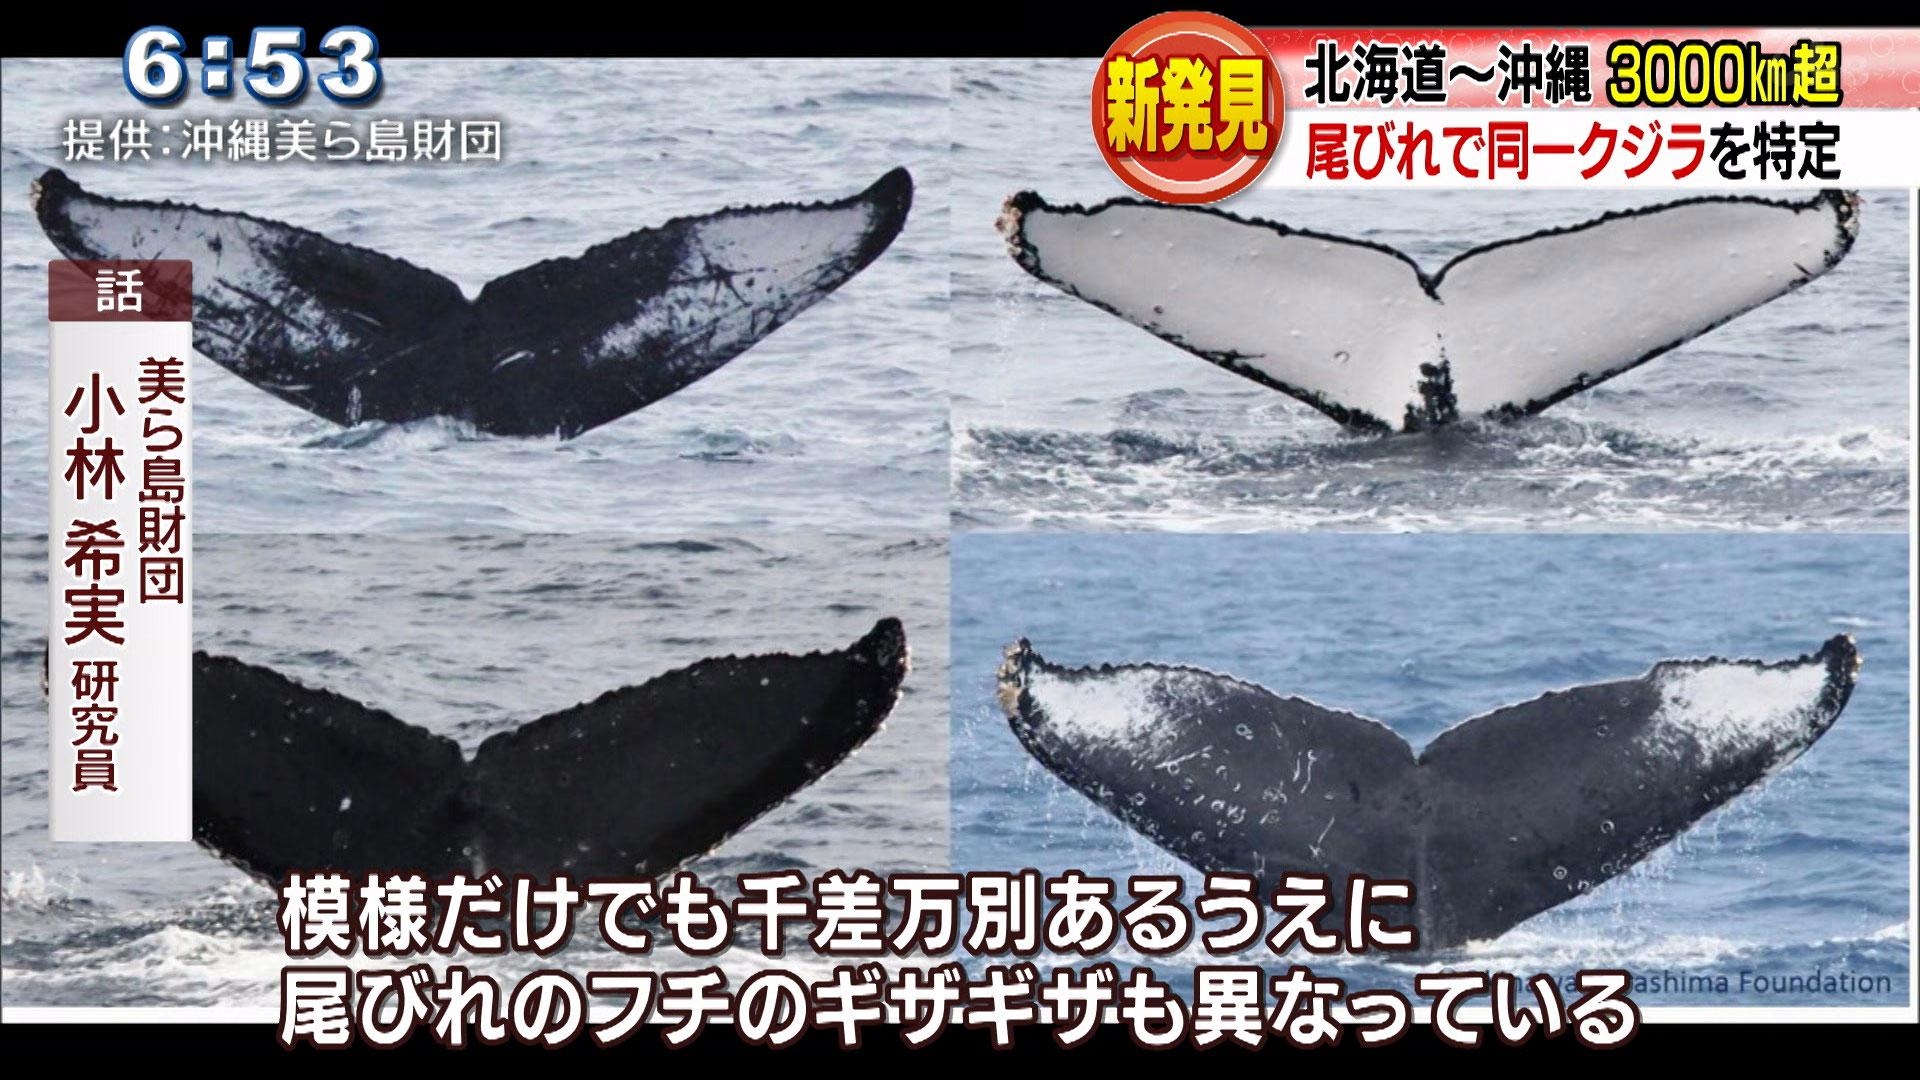 ザトウクジラの回遊ルートで新発見!